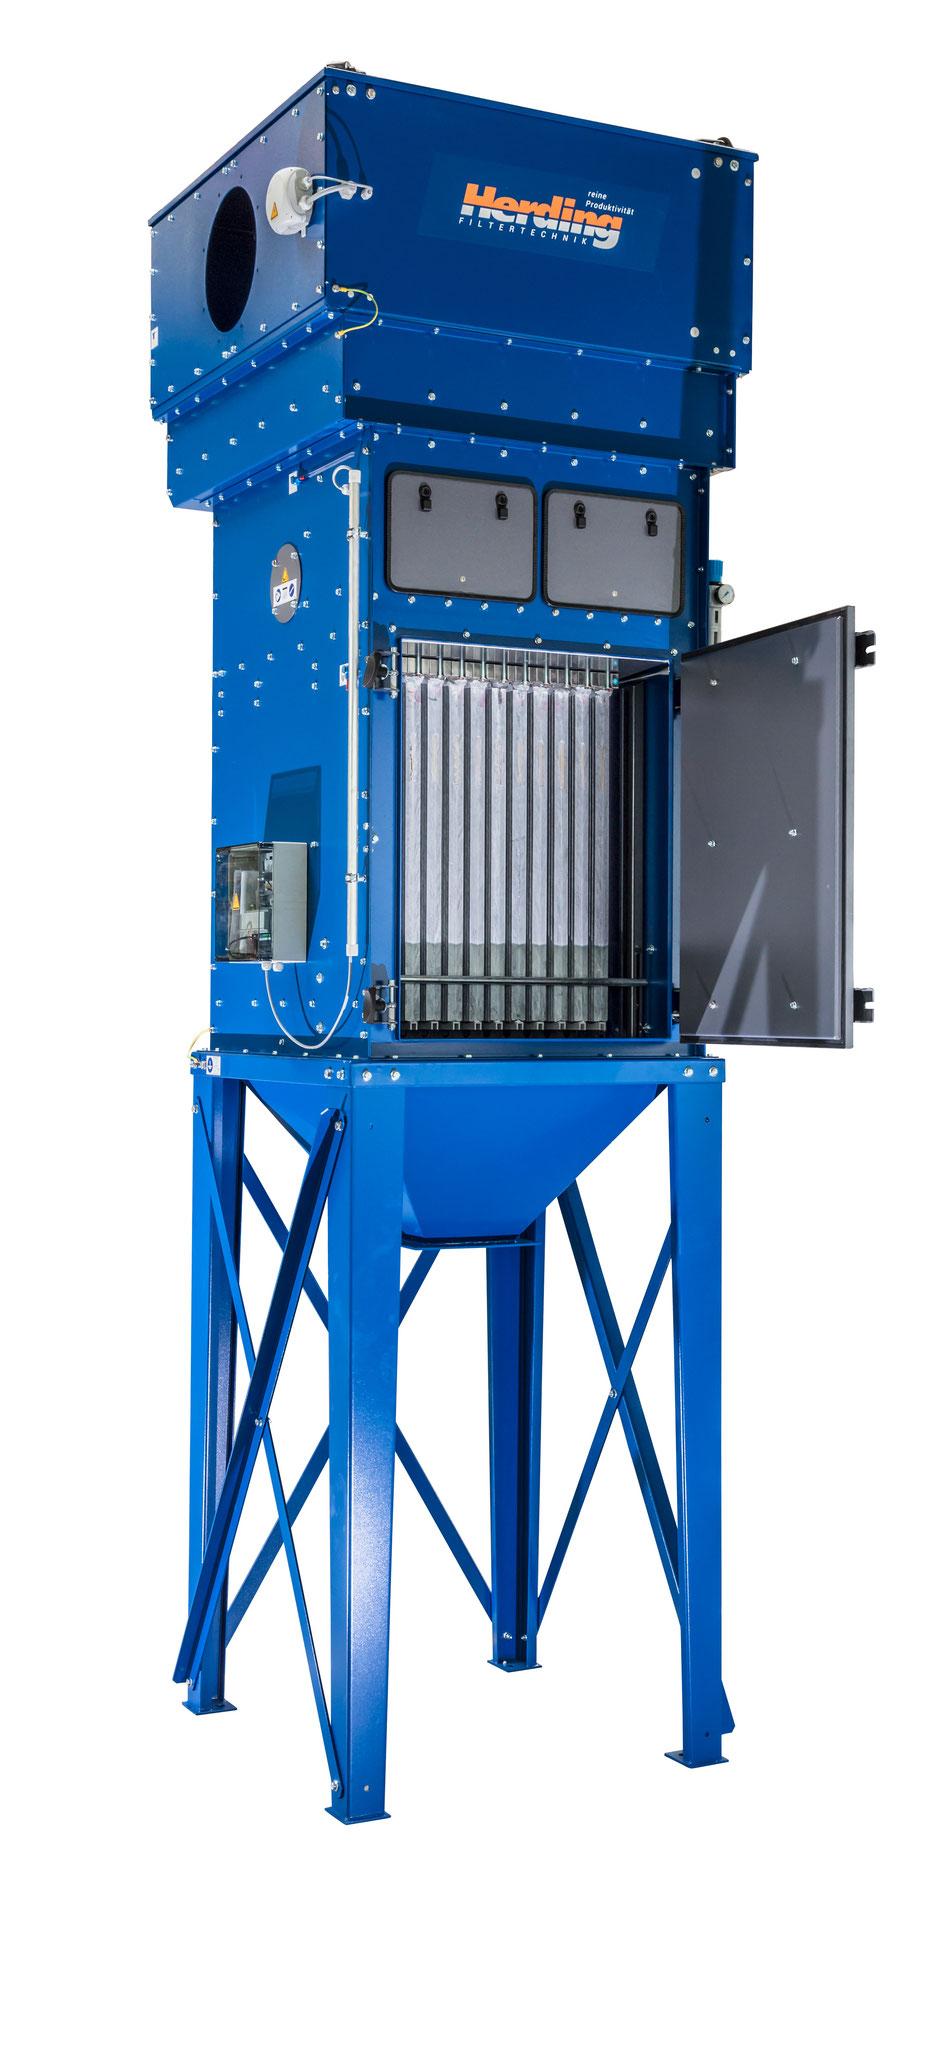 Filteranlage Herding®  FLEX - die flexible Baureihe für alle Industrien (Bild: © Herding® GmbH Filtertechnik)